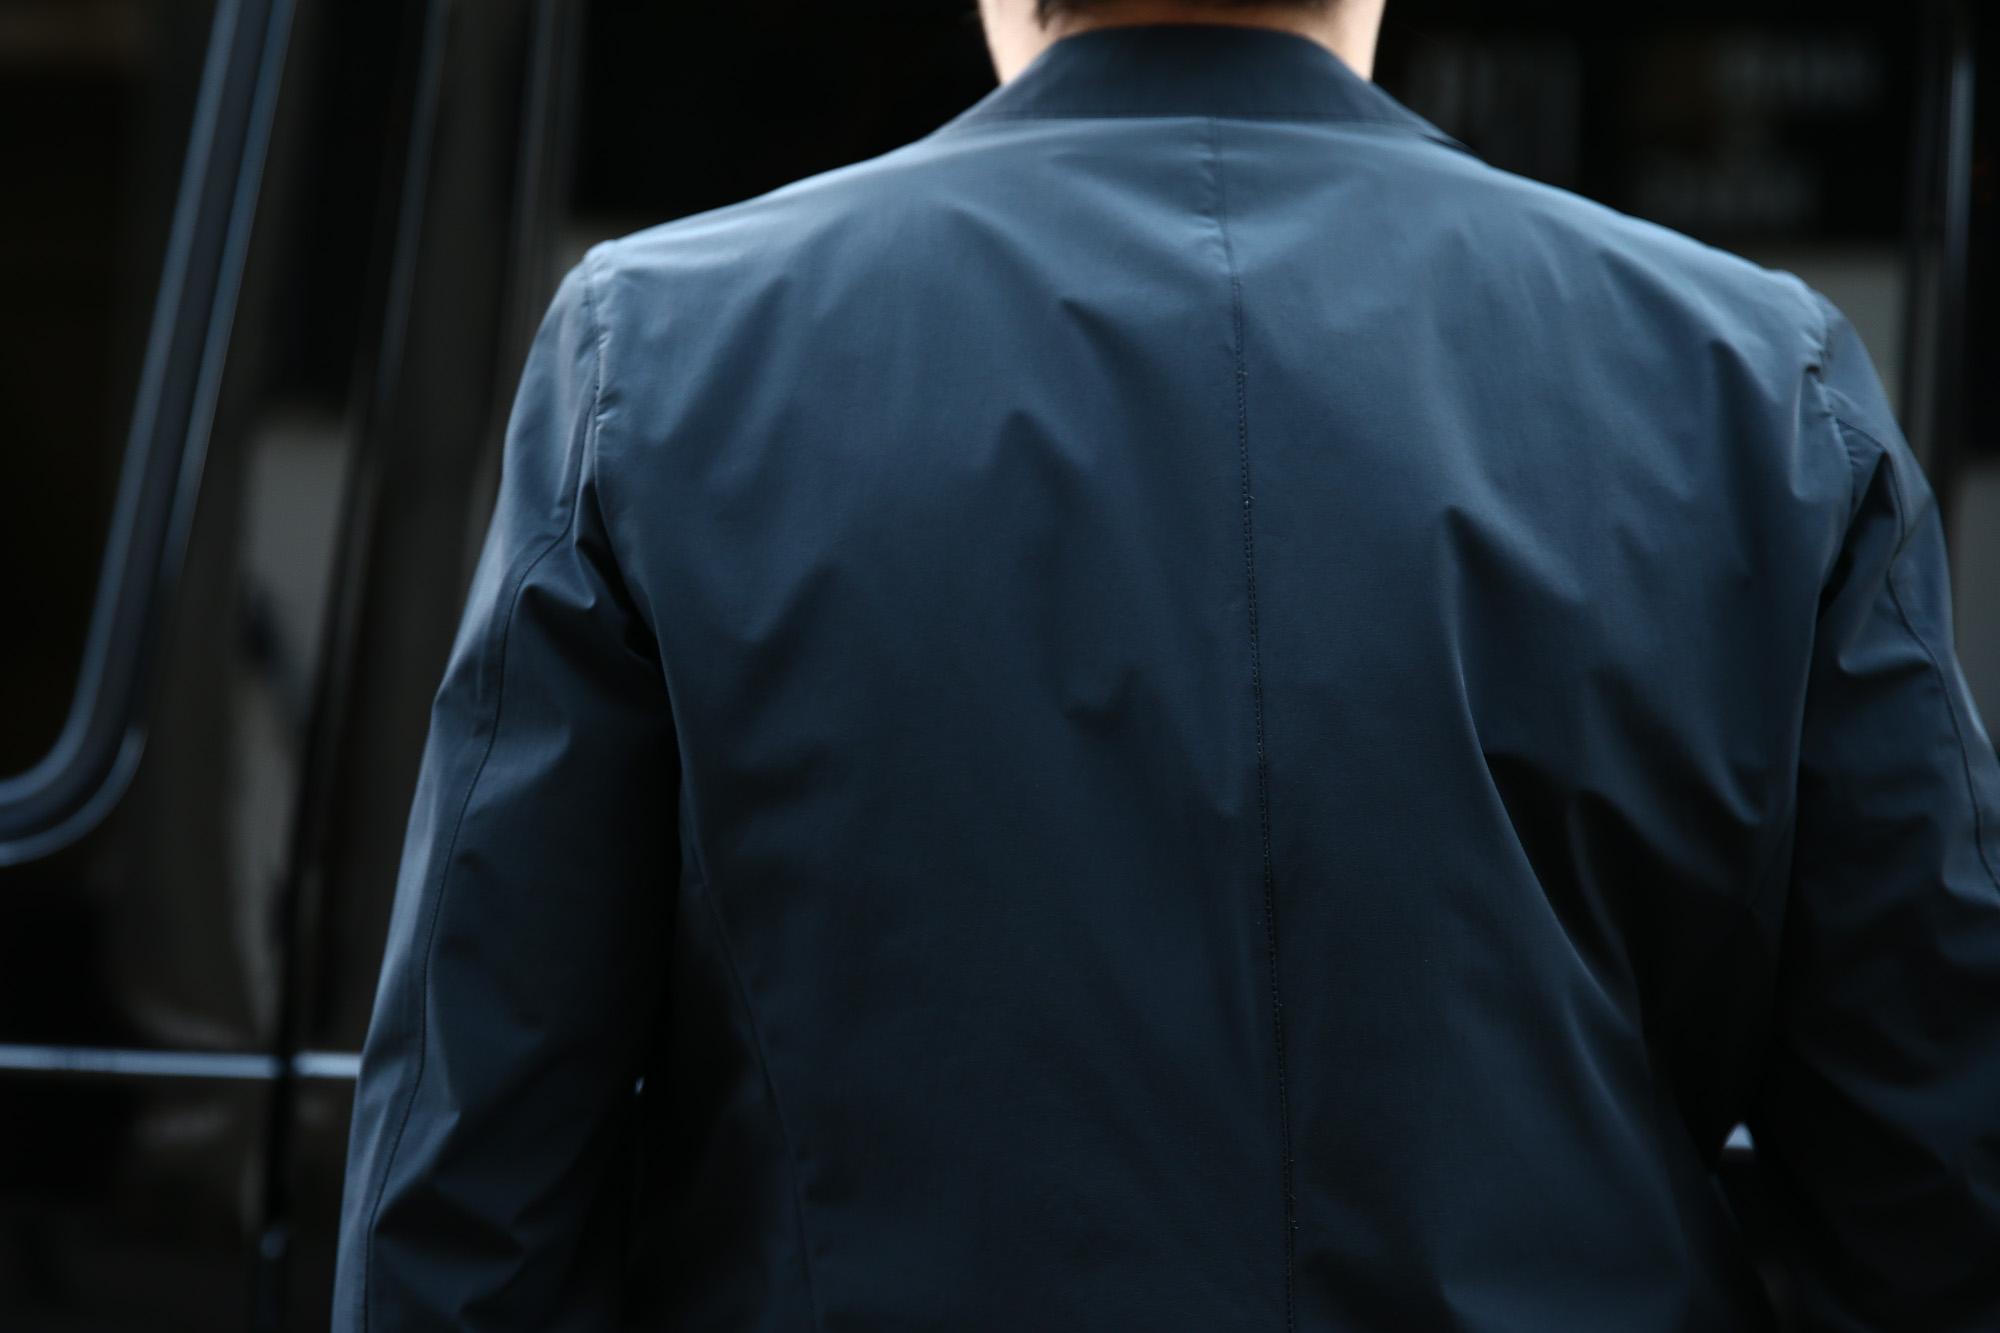 HERNO(ヘルノ) 【GA0069U】 Stretch Nylon Jacket (ストレッチ ナイロン ジャケット) 撥水ナイロン 2Bジャケット BLACK (ブラック・9300) Made in italy (イタリア製) 2018 春夏新作 愛知 名古屋 herno ヘルノ Alto e Diritto アルト エ デリット 42,44,46,48,50,52,54